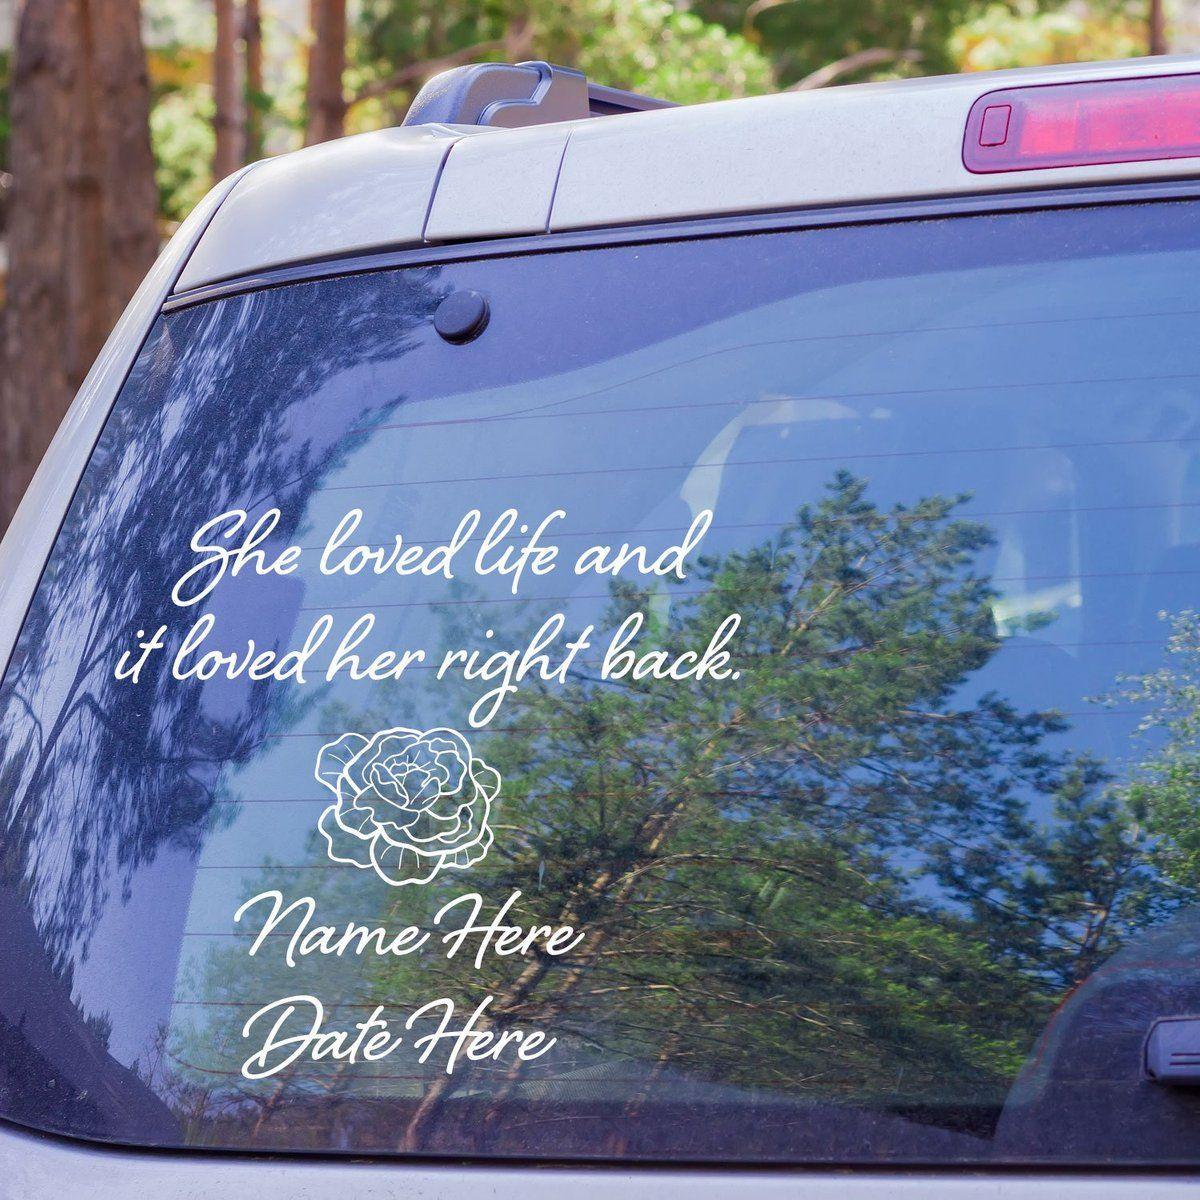 In Loving Memory Car Decal Buffalo Ny Custom Designed For Free Yay Supply Co Loving Memory Car Decals In Loving Memory Memories [ 1200 x 1200 Pixel ]